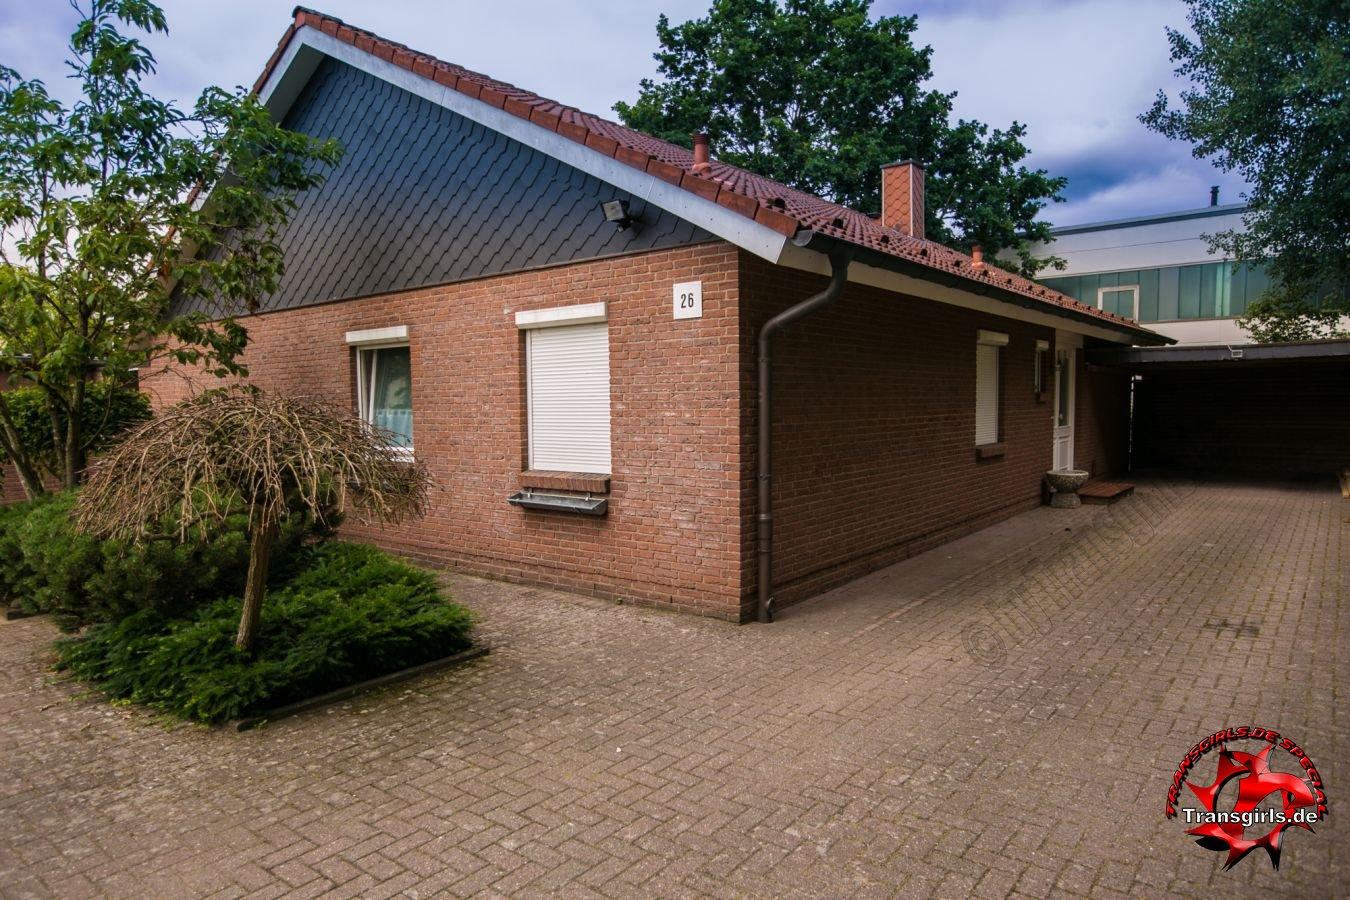 Foto Nr. 84406 von Shemale Trans Appartement Rendsburg